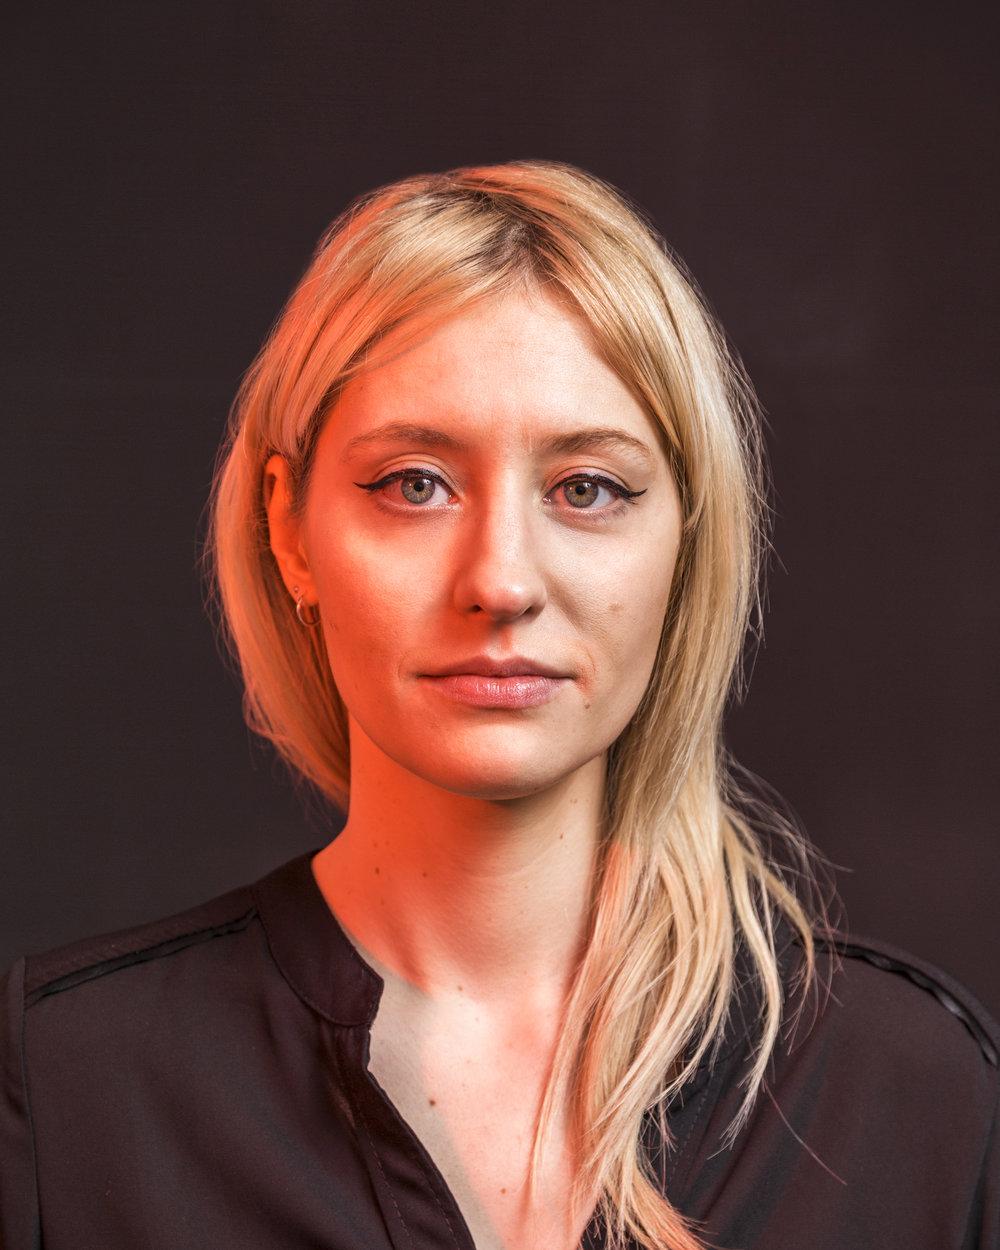 mathilde veutheygrafikerin - Mathilde, die sich schon seit ihrer Kindheit für Zeichnen interessierte, schloss 2007 eine Ausbildung als Grafikerin an der Schule für angewandte Kunst in Genf ab.Anschliessend flog sie in Richtung Irland, genauer gesagt nach Kilkenny, wo sie ihre Kenntnisse während zwei Jahren in einer Werbeagentur perfektionierte.2010 kam Mathilde in unsere Gefilde zurück und stellte ihr Talent als Freiberuflerin Kunden der verschiedensten Horizonte zur Verfügung, von Banken bis Kulturprojekten.Wir freuen uns, seit 2016 von ihrem Sinn für Ästhetik profitieren zu können.